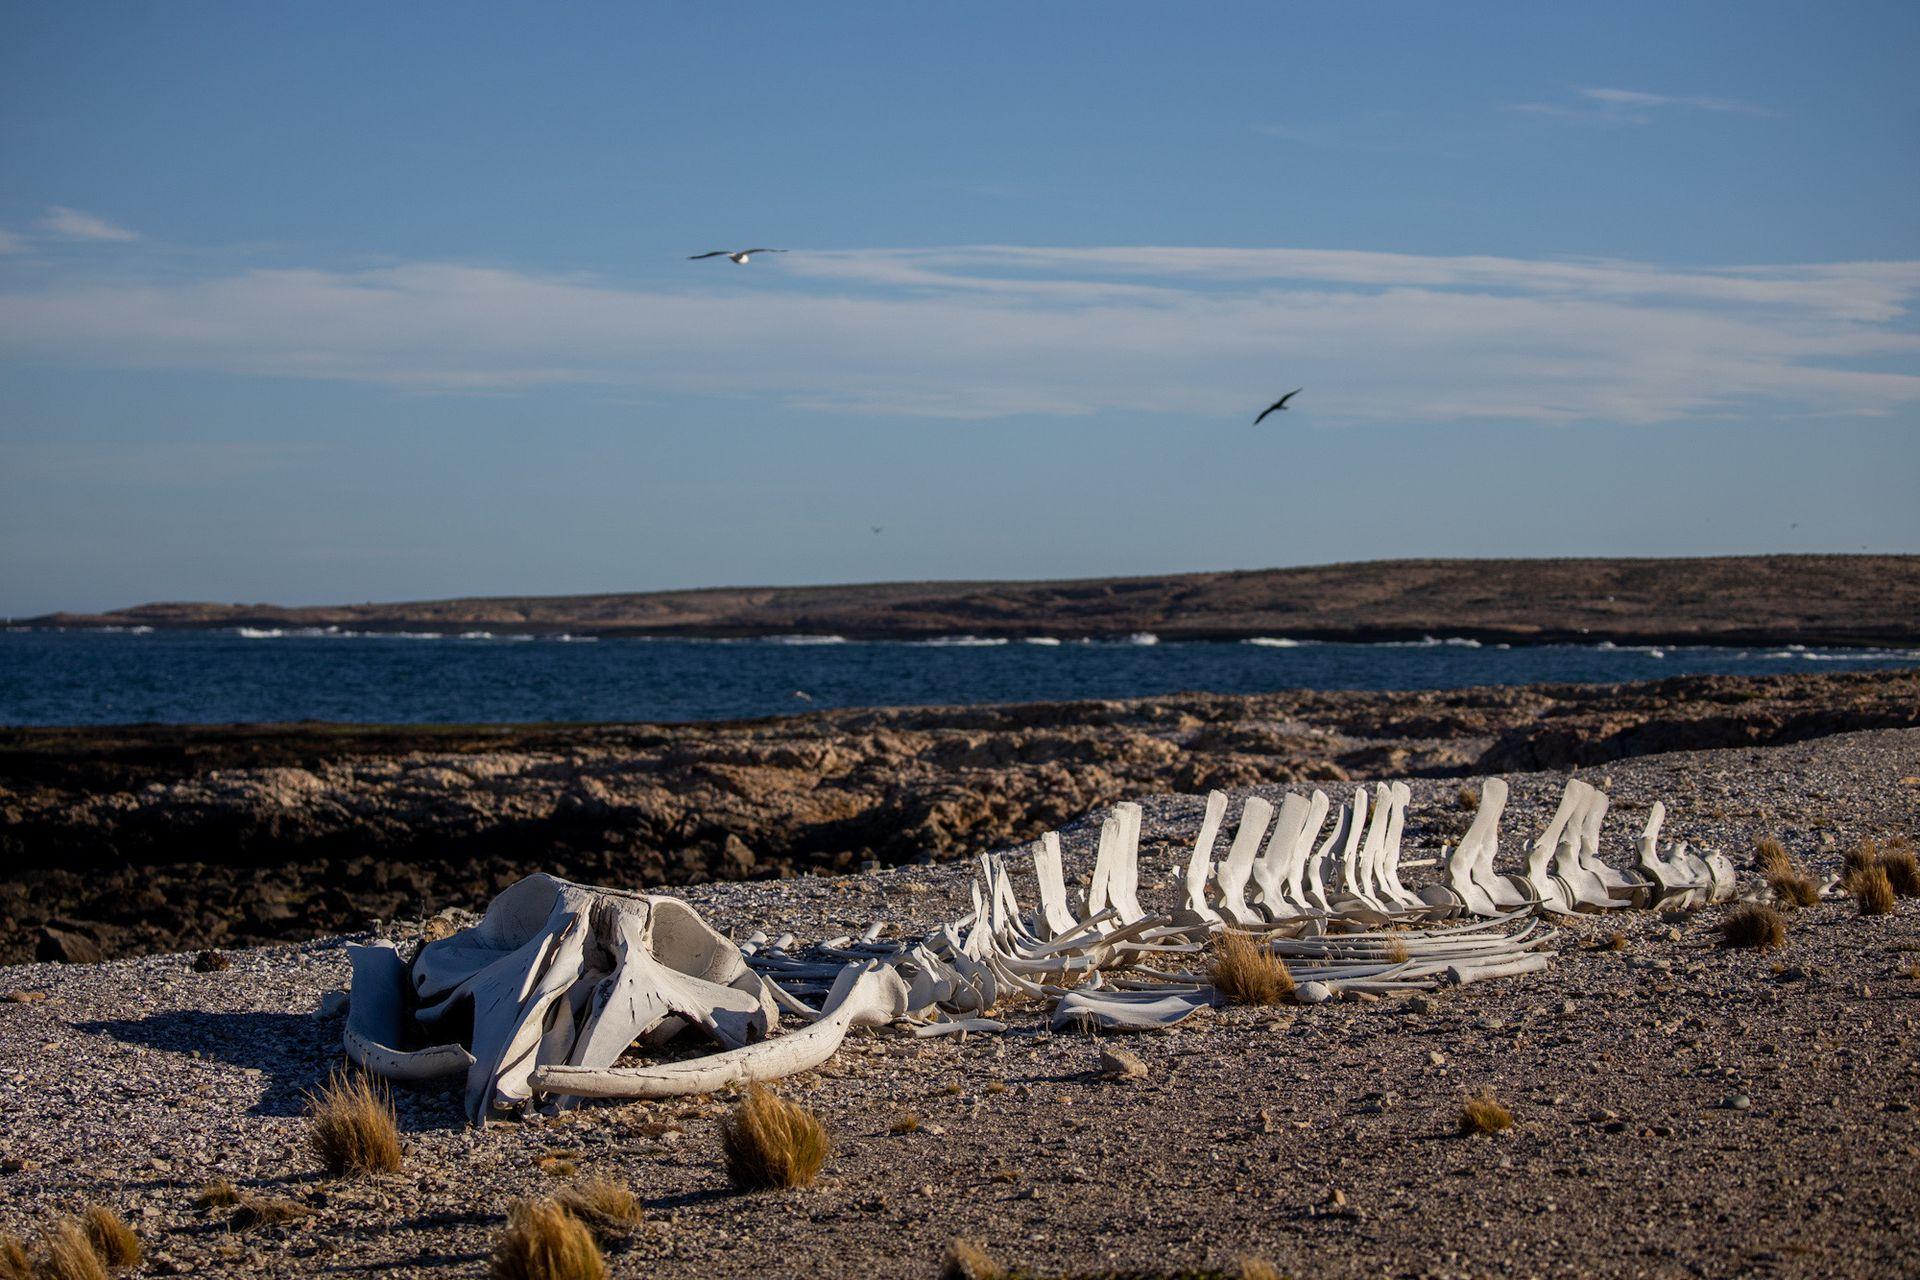 Esqueleto de una ballena en Bahia Bustamante